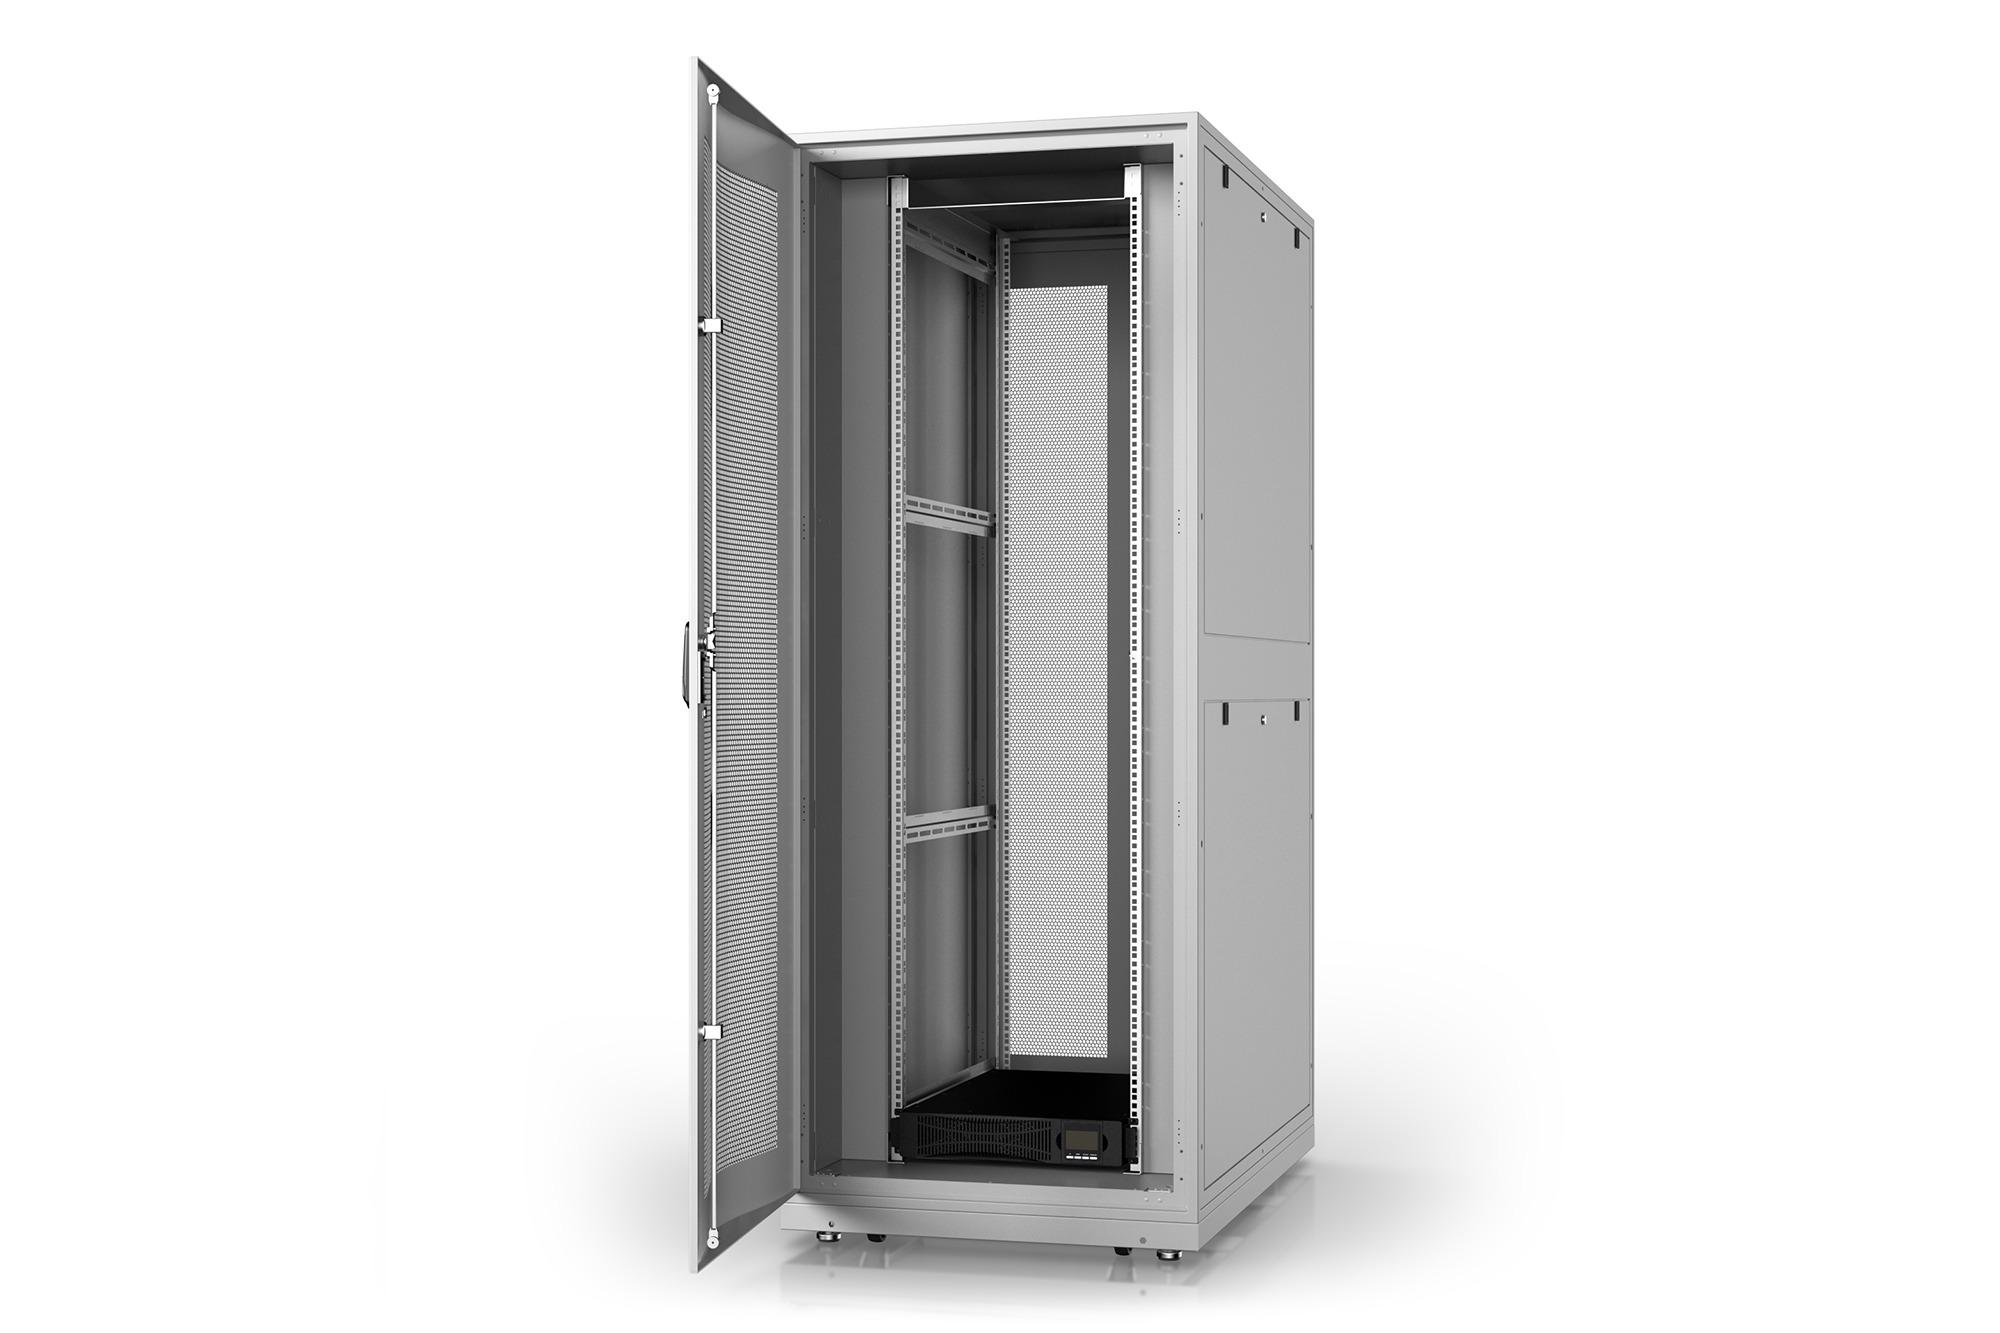 Armadio rack 42u 600×1000 con gruppo di continuita' online 3000va/, multipresa